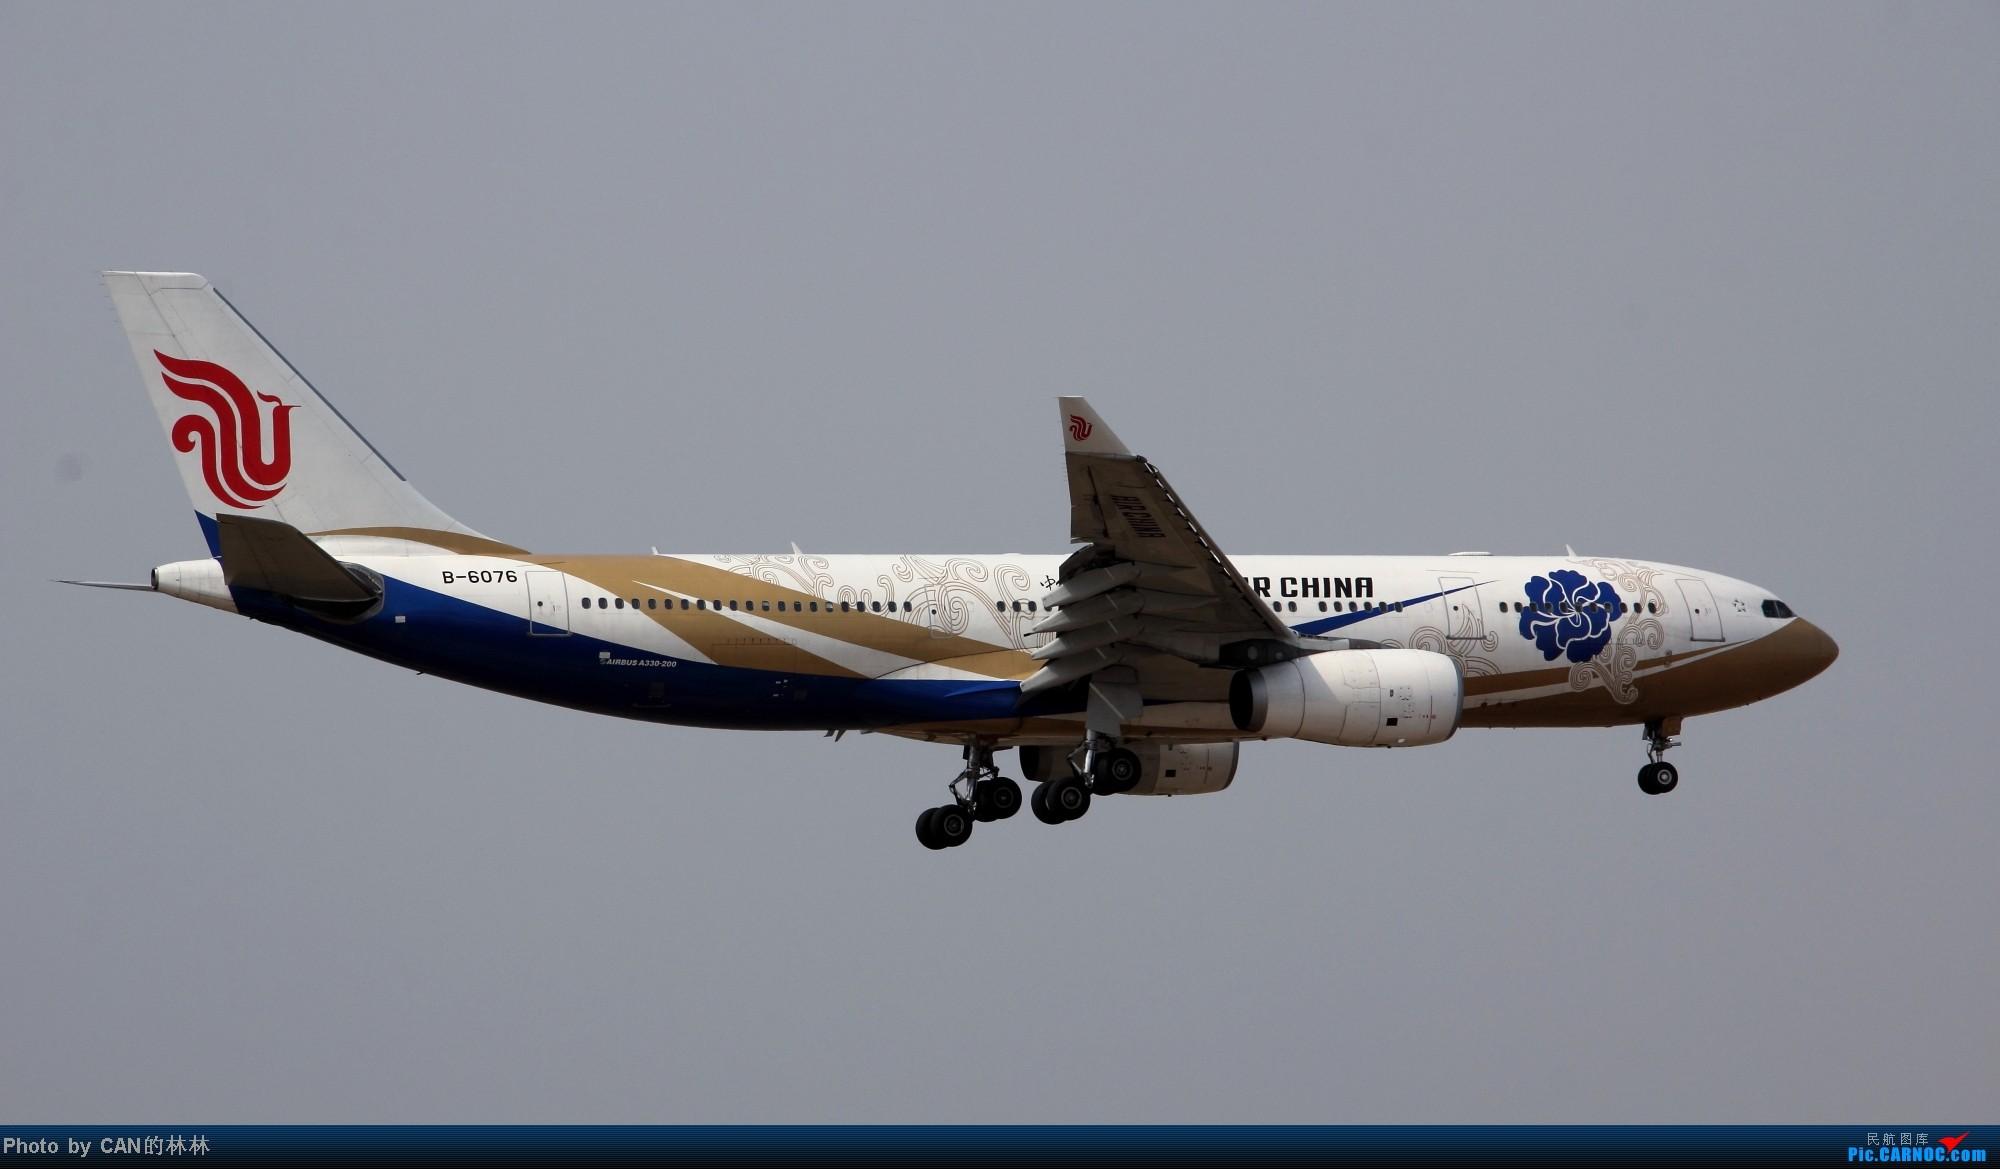 Re:[原创]首发贴,CAN的东跑,早上好! AIRBUS A330-200 B-6076 中国广州白云机场